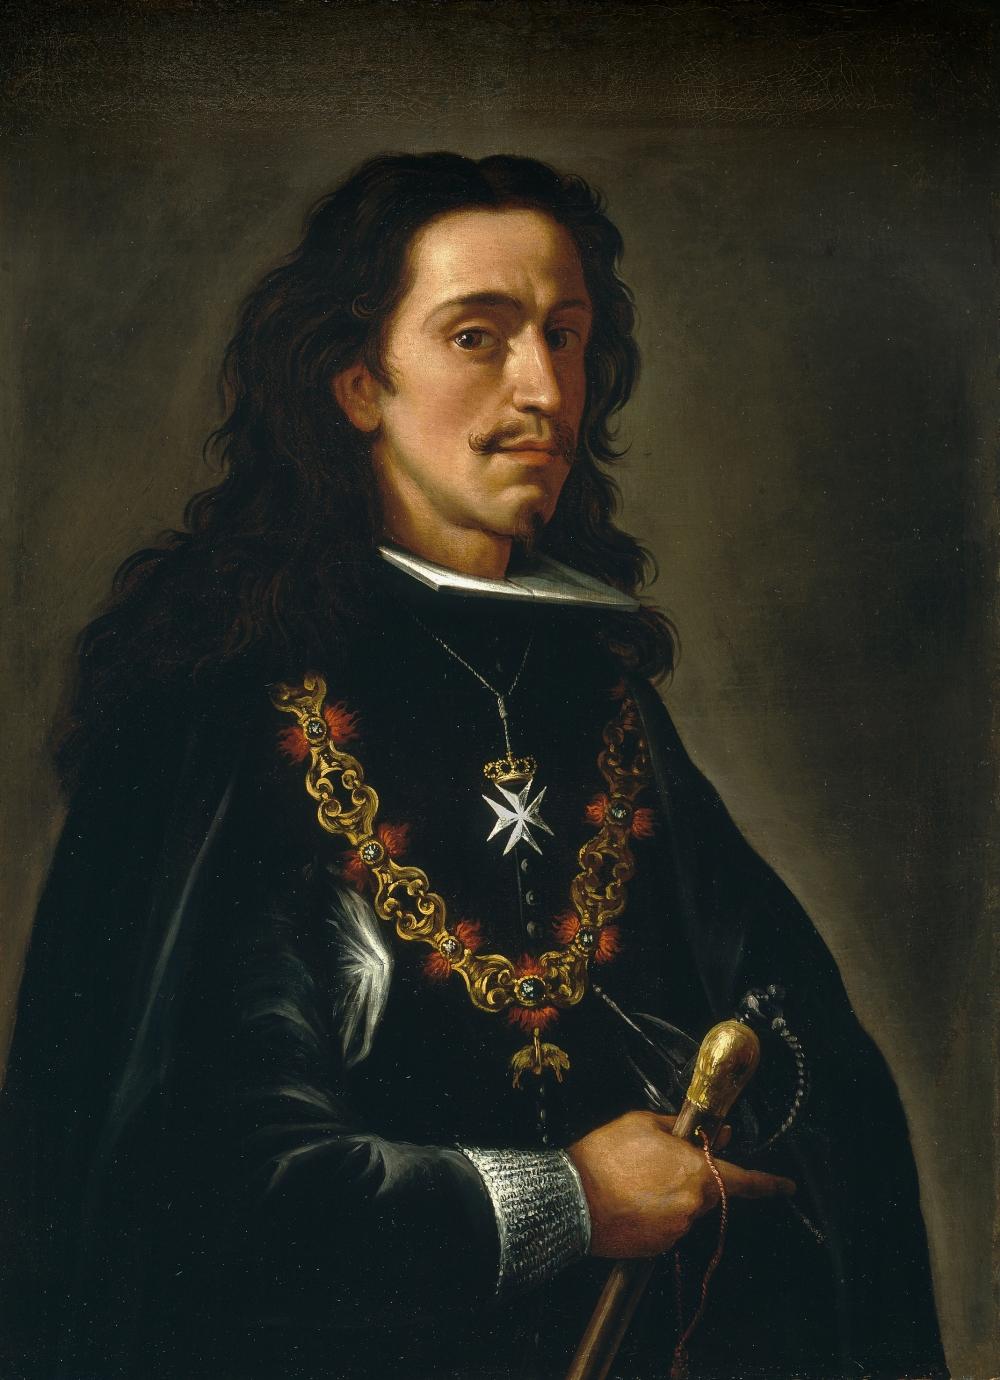 Anónimo. Posible retrato de Juan_Jose_de_Austria. Museo del Prado. Madrid.